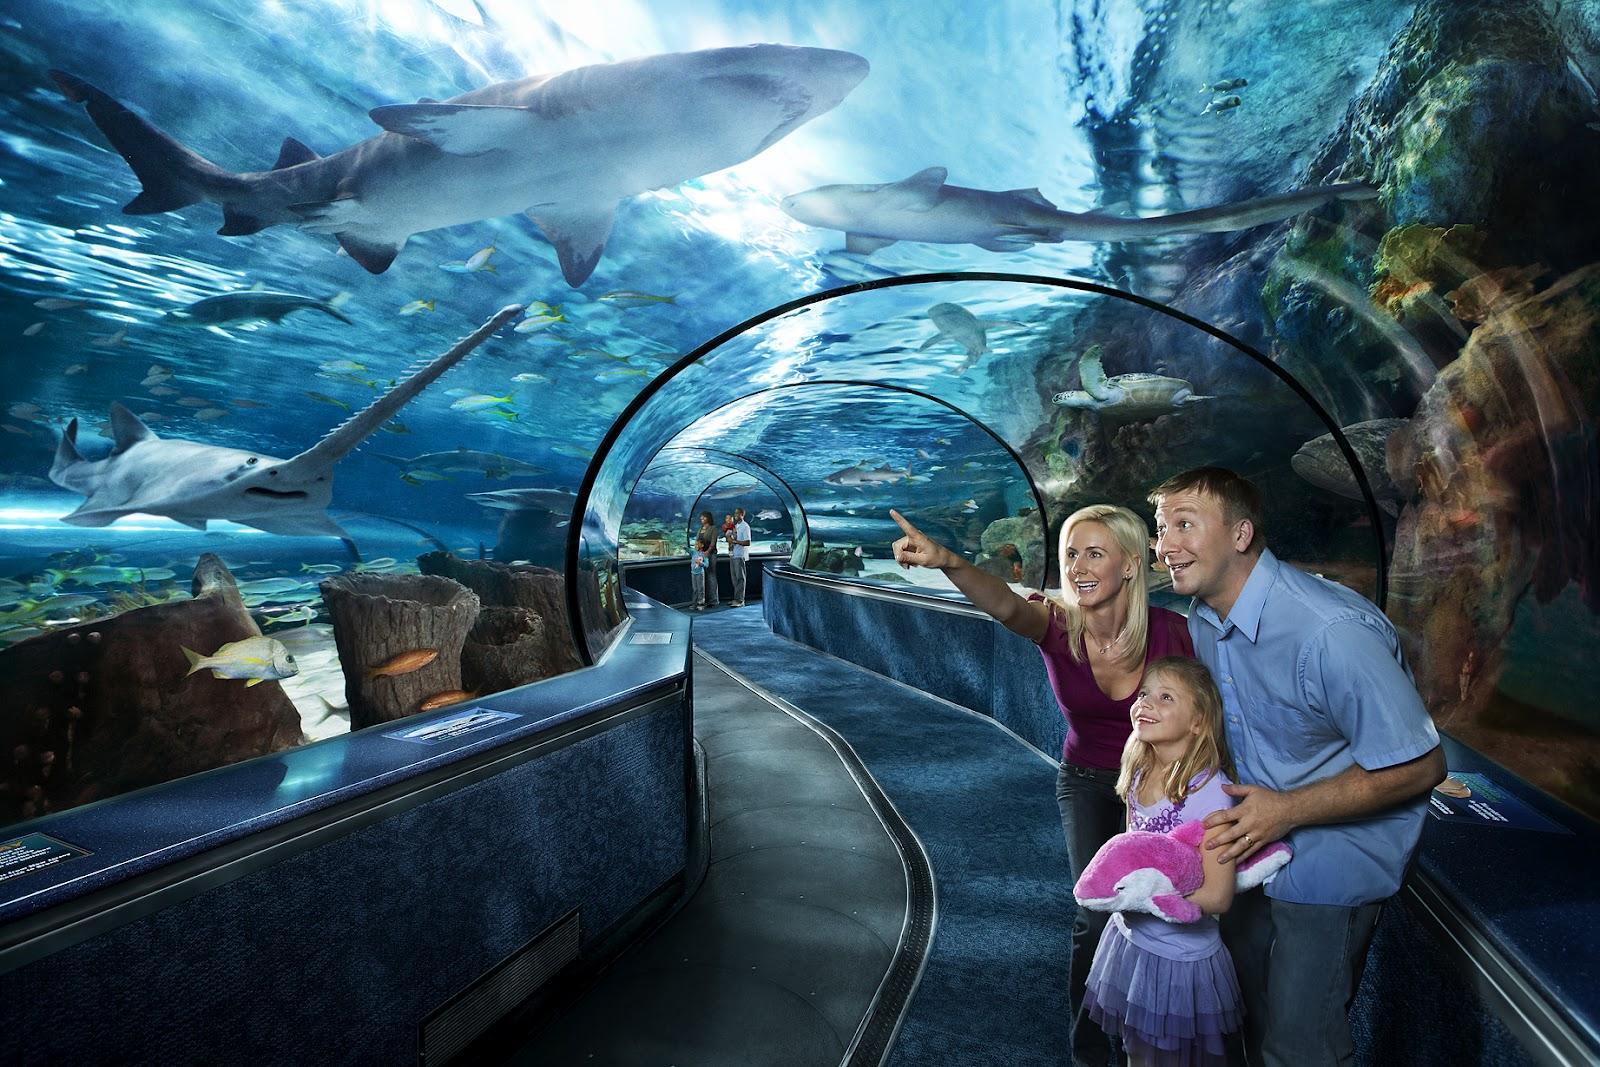 North Myrtle Beach Aquarium